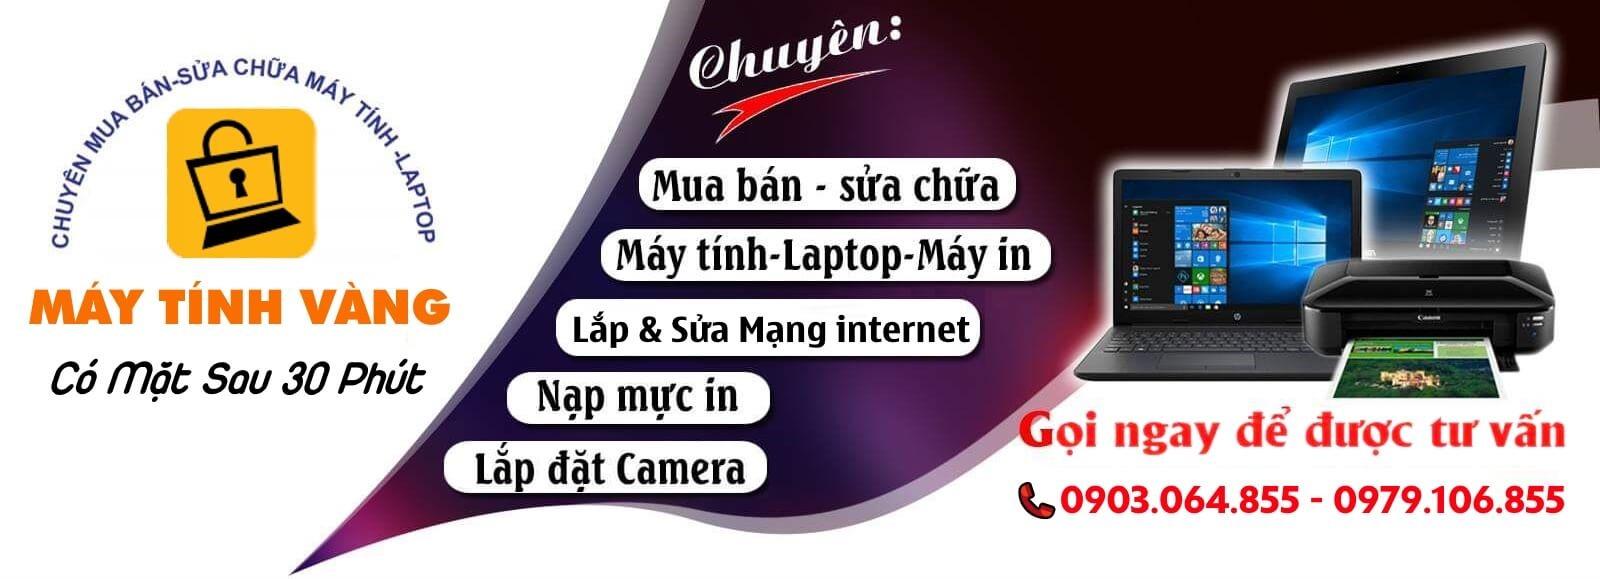 Máy Tính Vàng – Chuyên sửa laptop Quận 4 hàng đầu hiện nay.